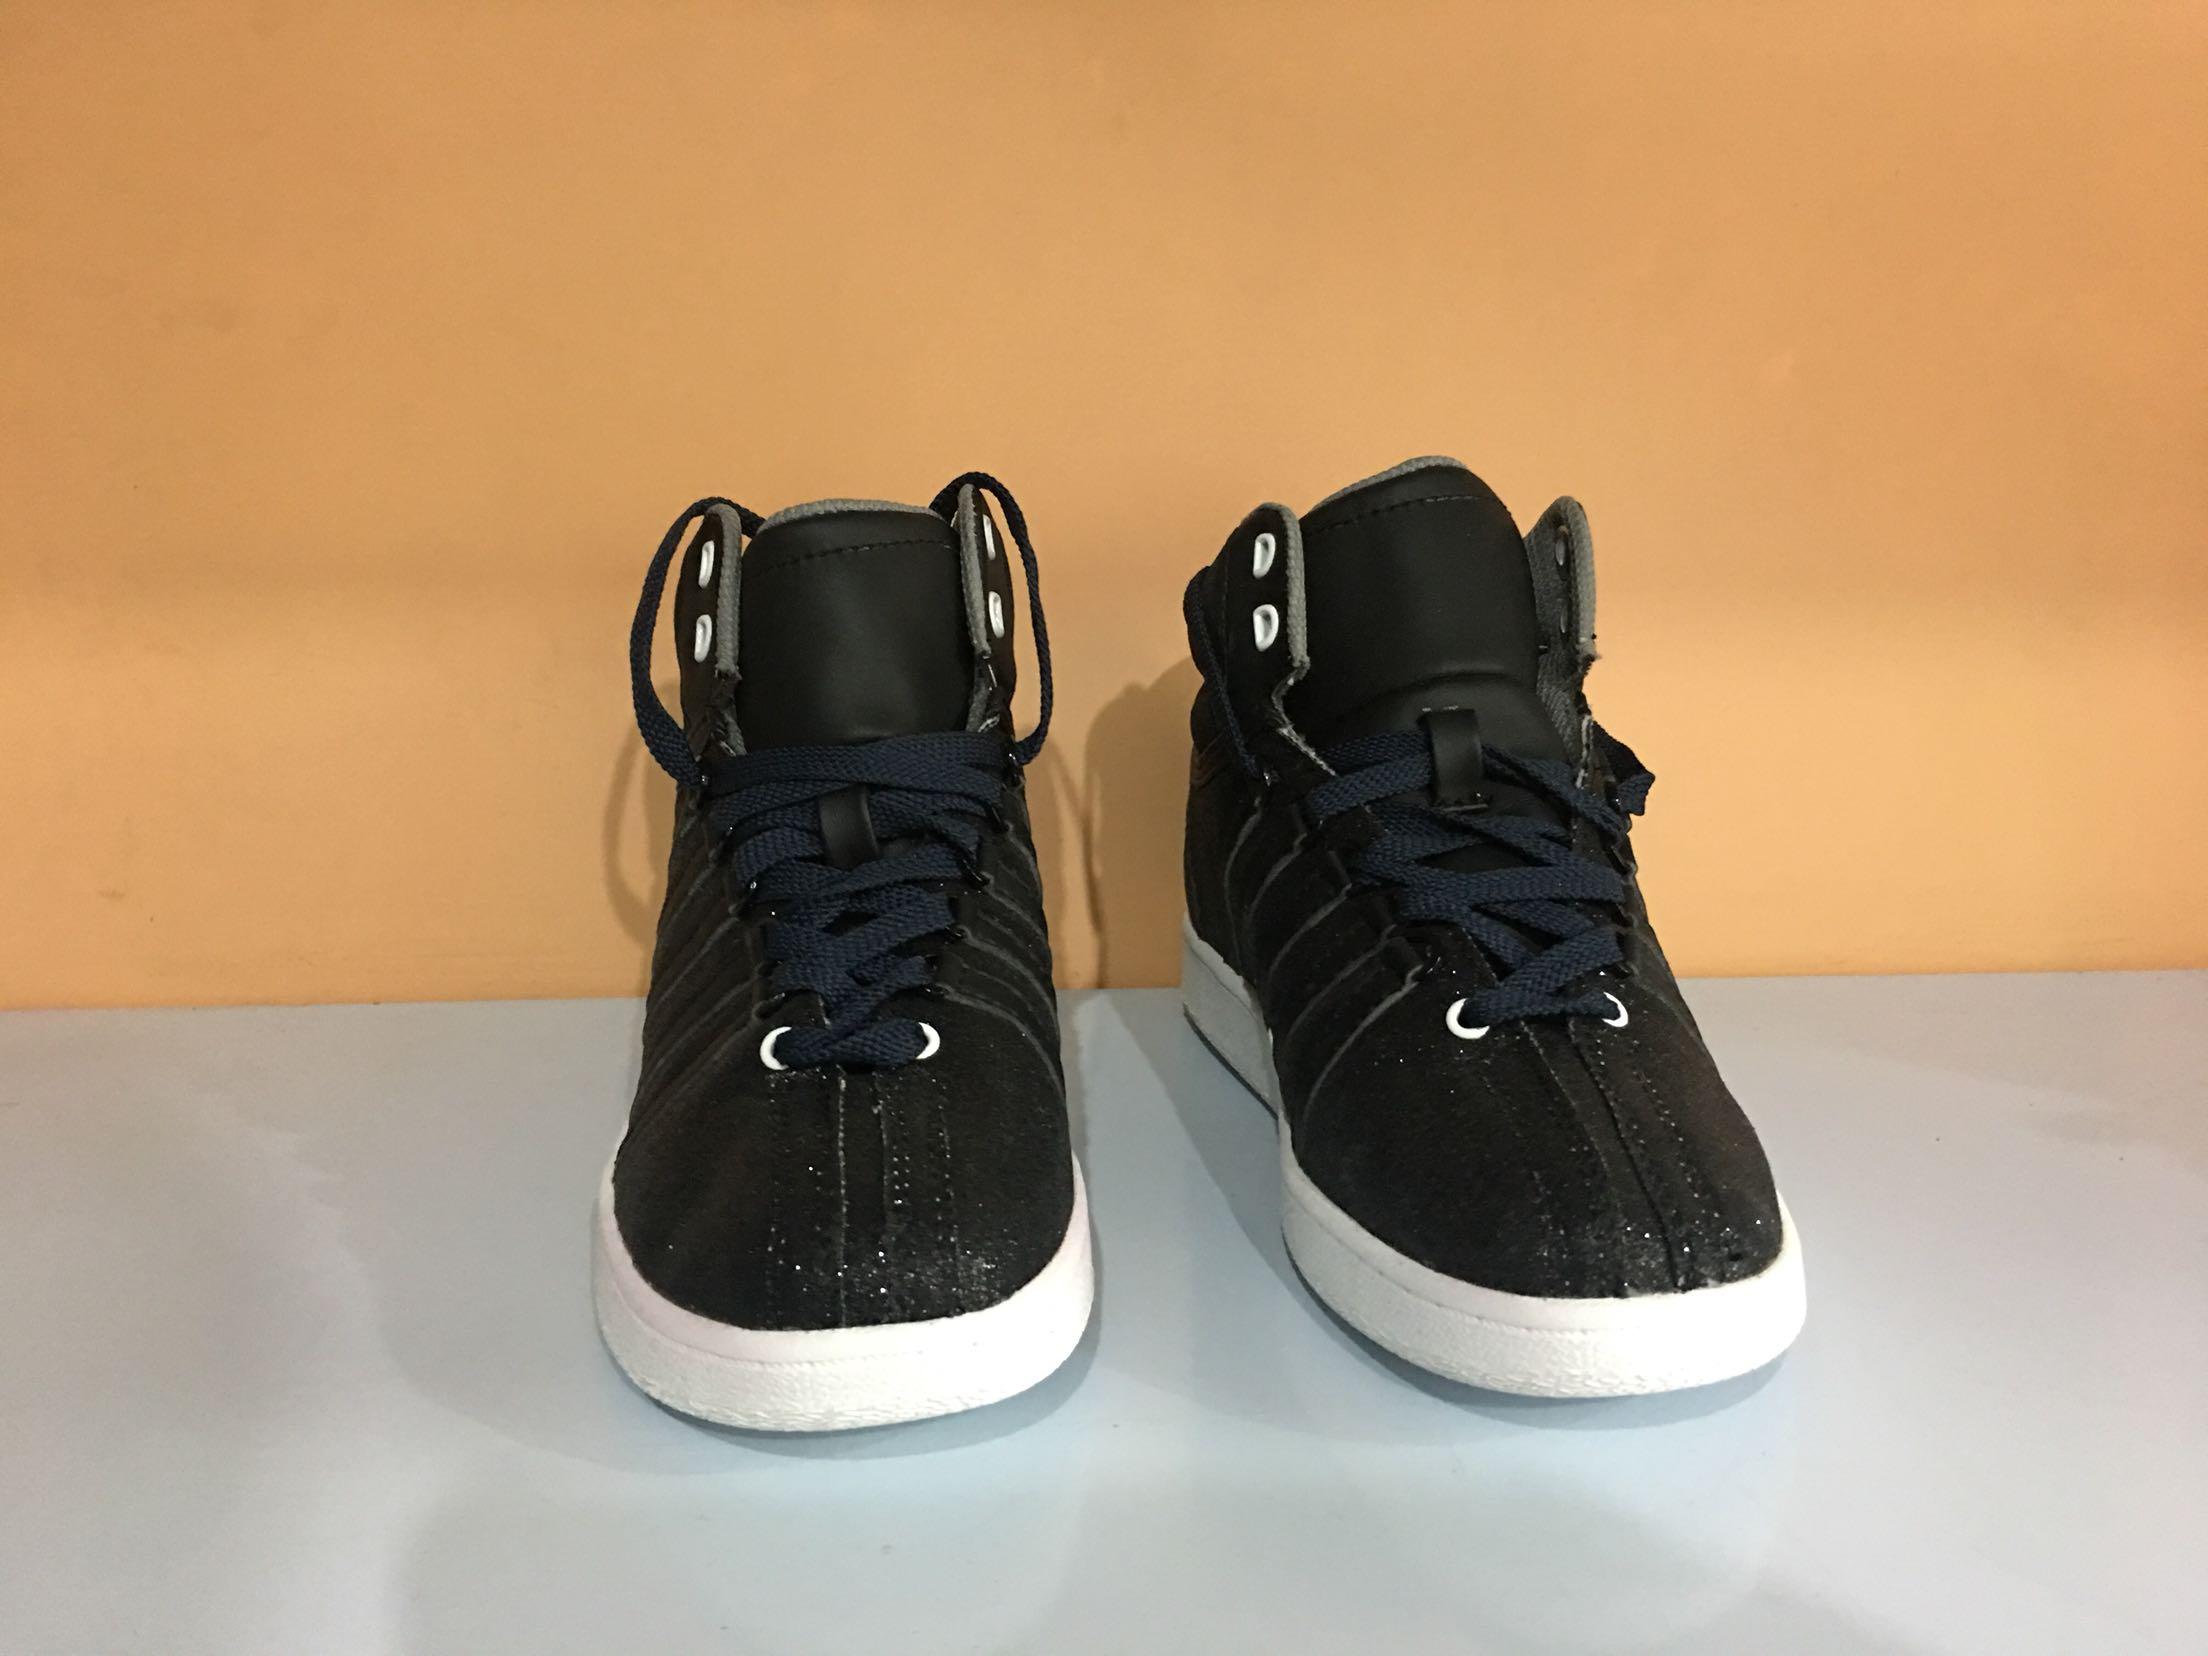 35 牛皮高帮板鞋滑板鞋 威透气时尚耐磨休闲鞋 s 正品海外版盖